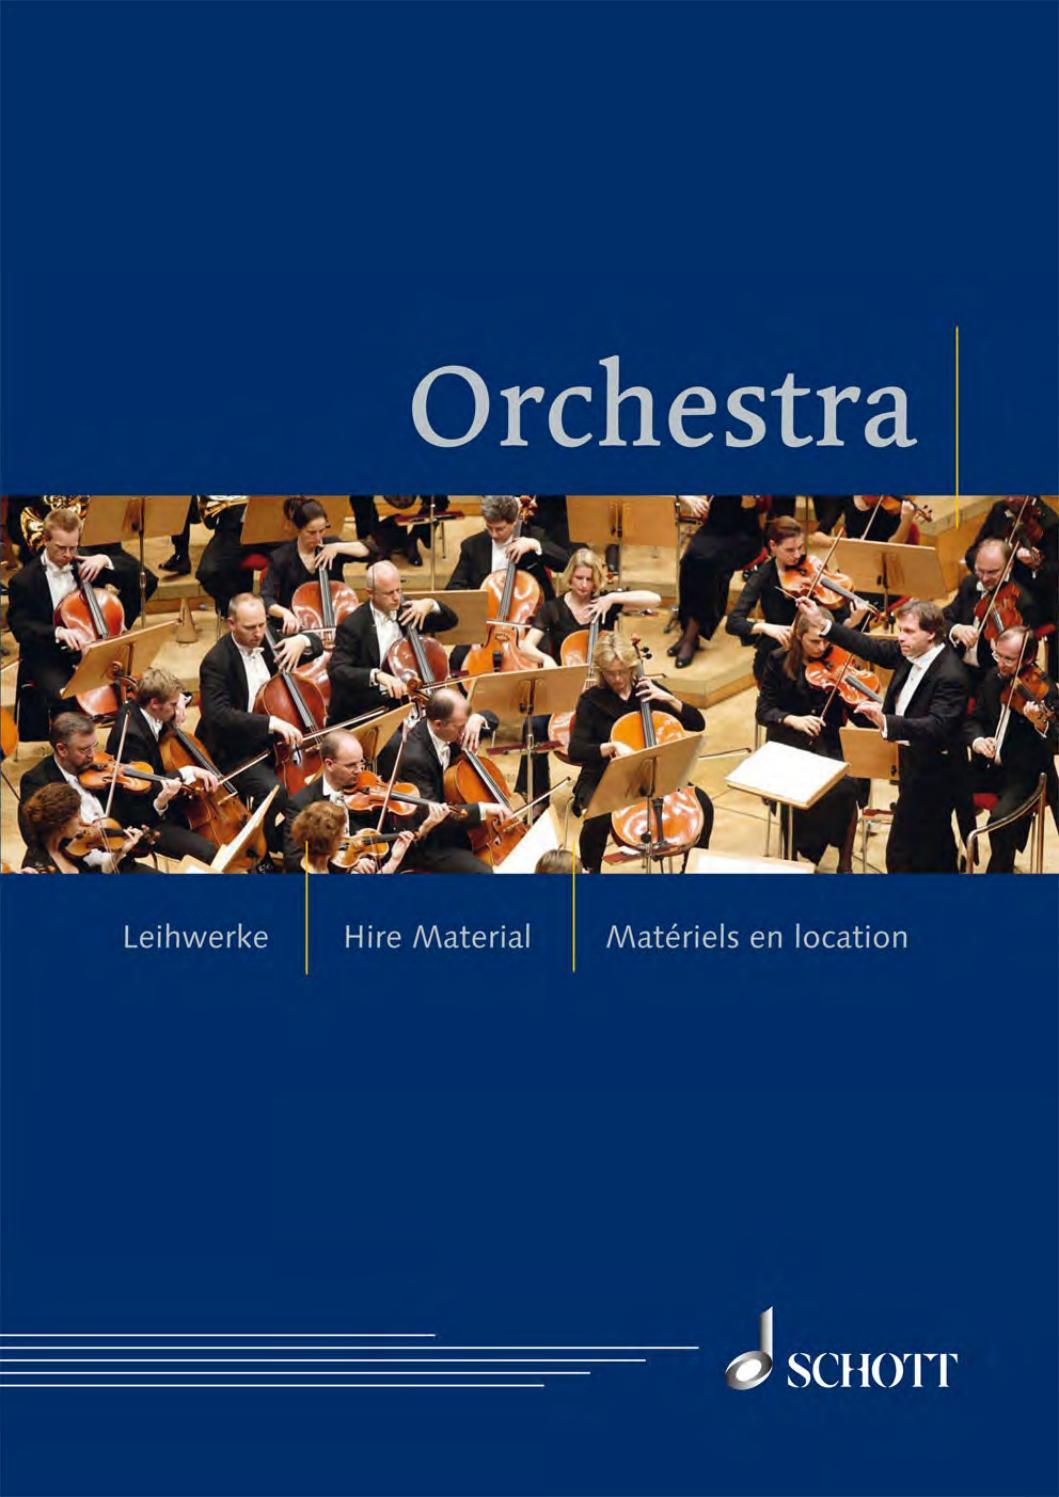 orchestra by schott music issuu